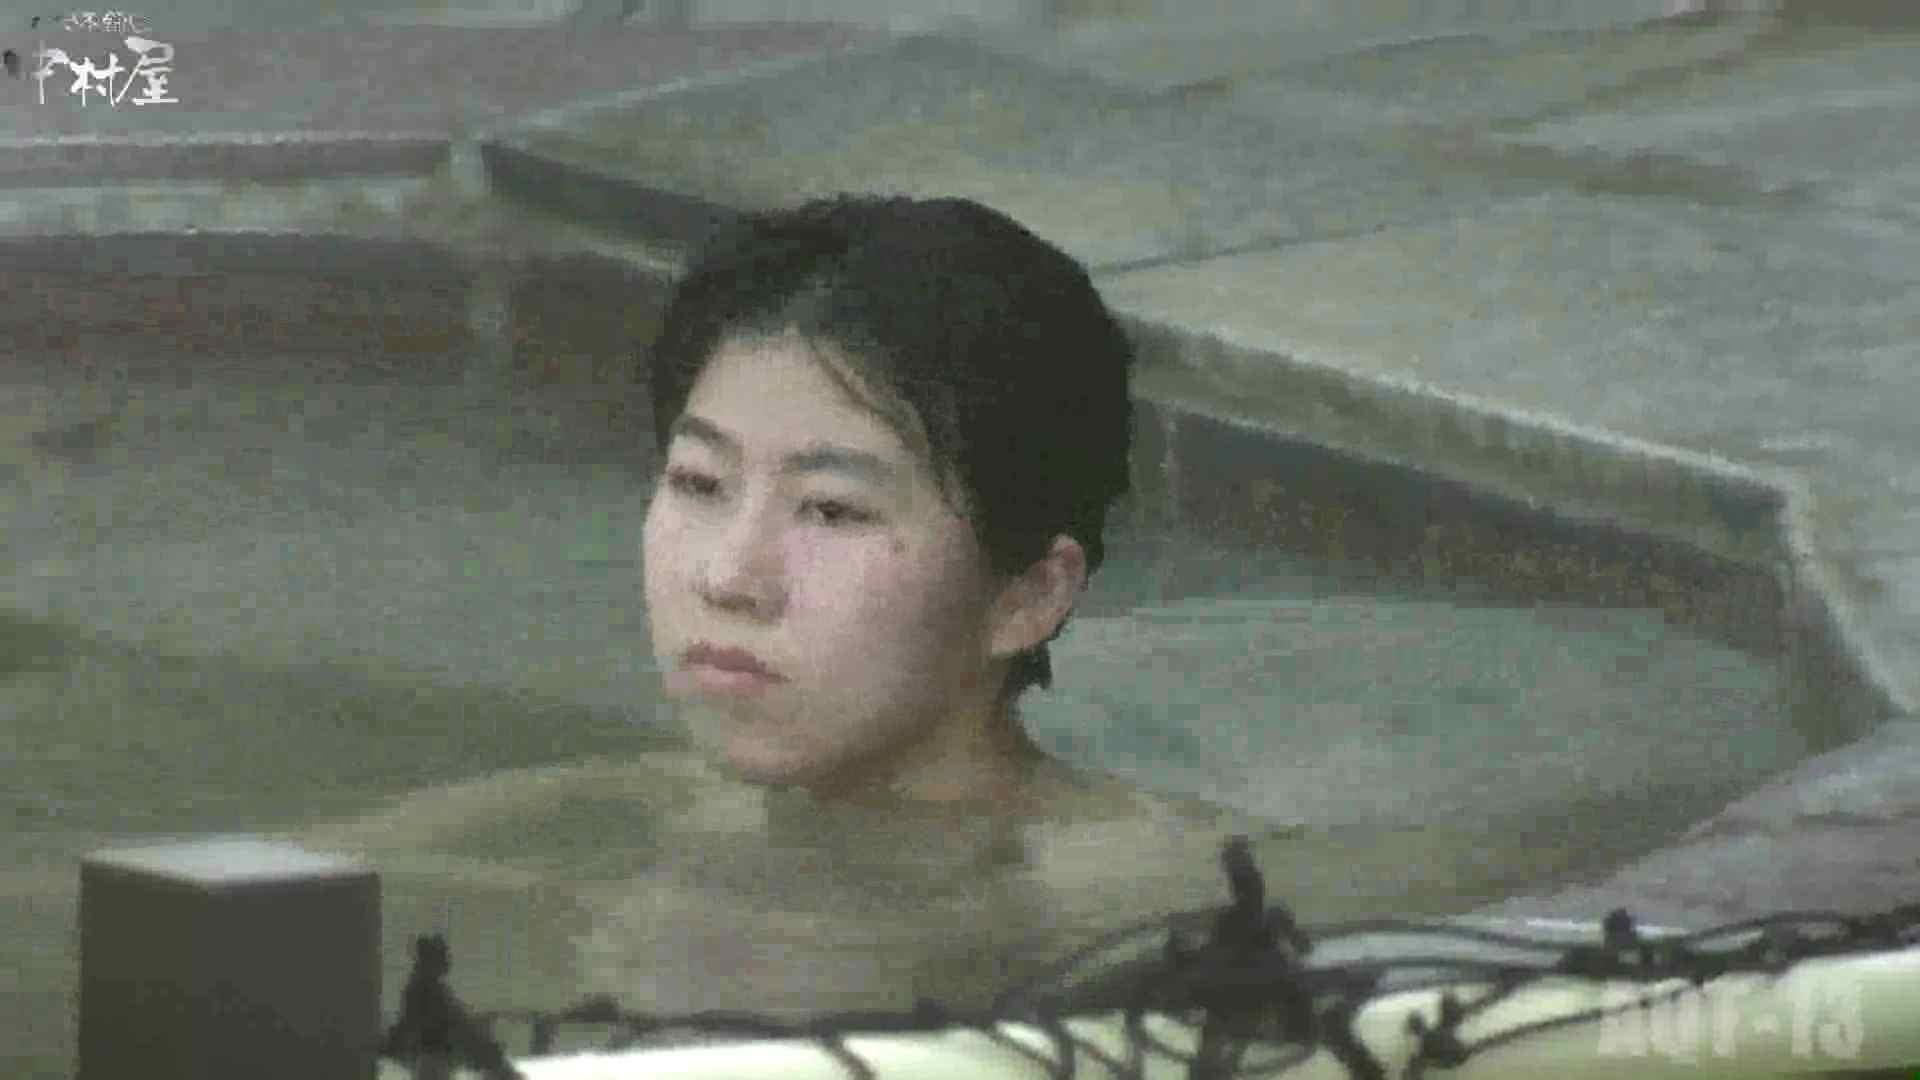 Aquaな露天風呂Vol.877潜入盗撮露天風呂十三判湯 其の三 HなOL | 露天  77pic 31